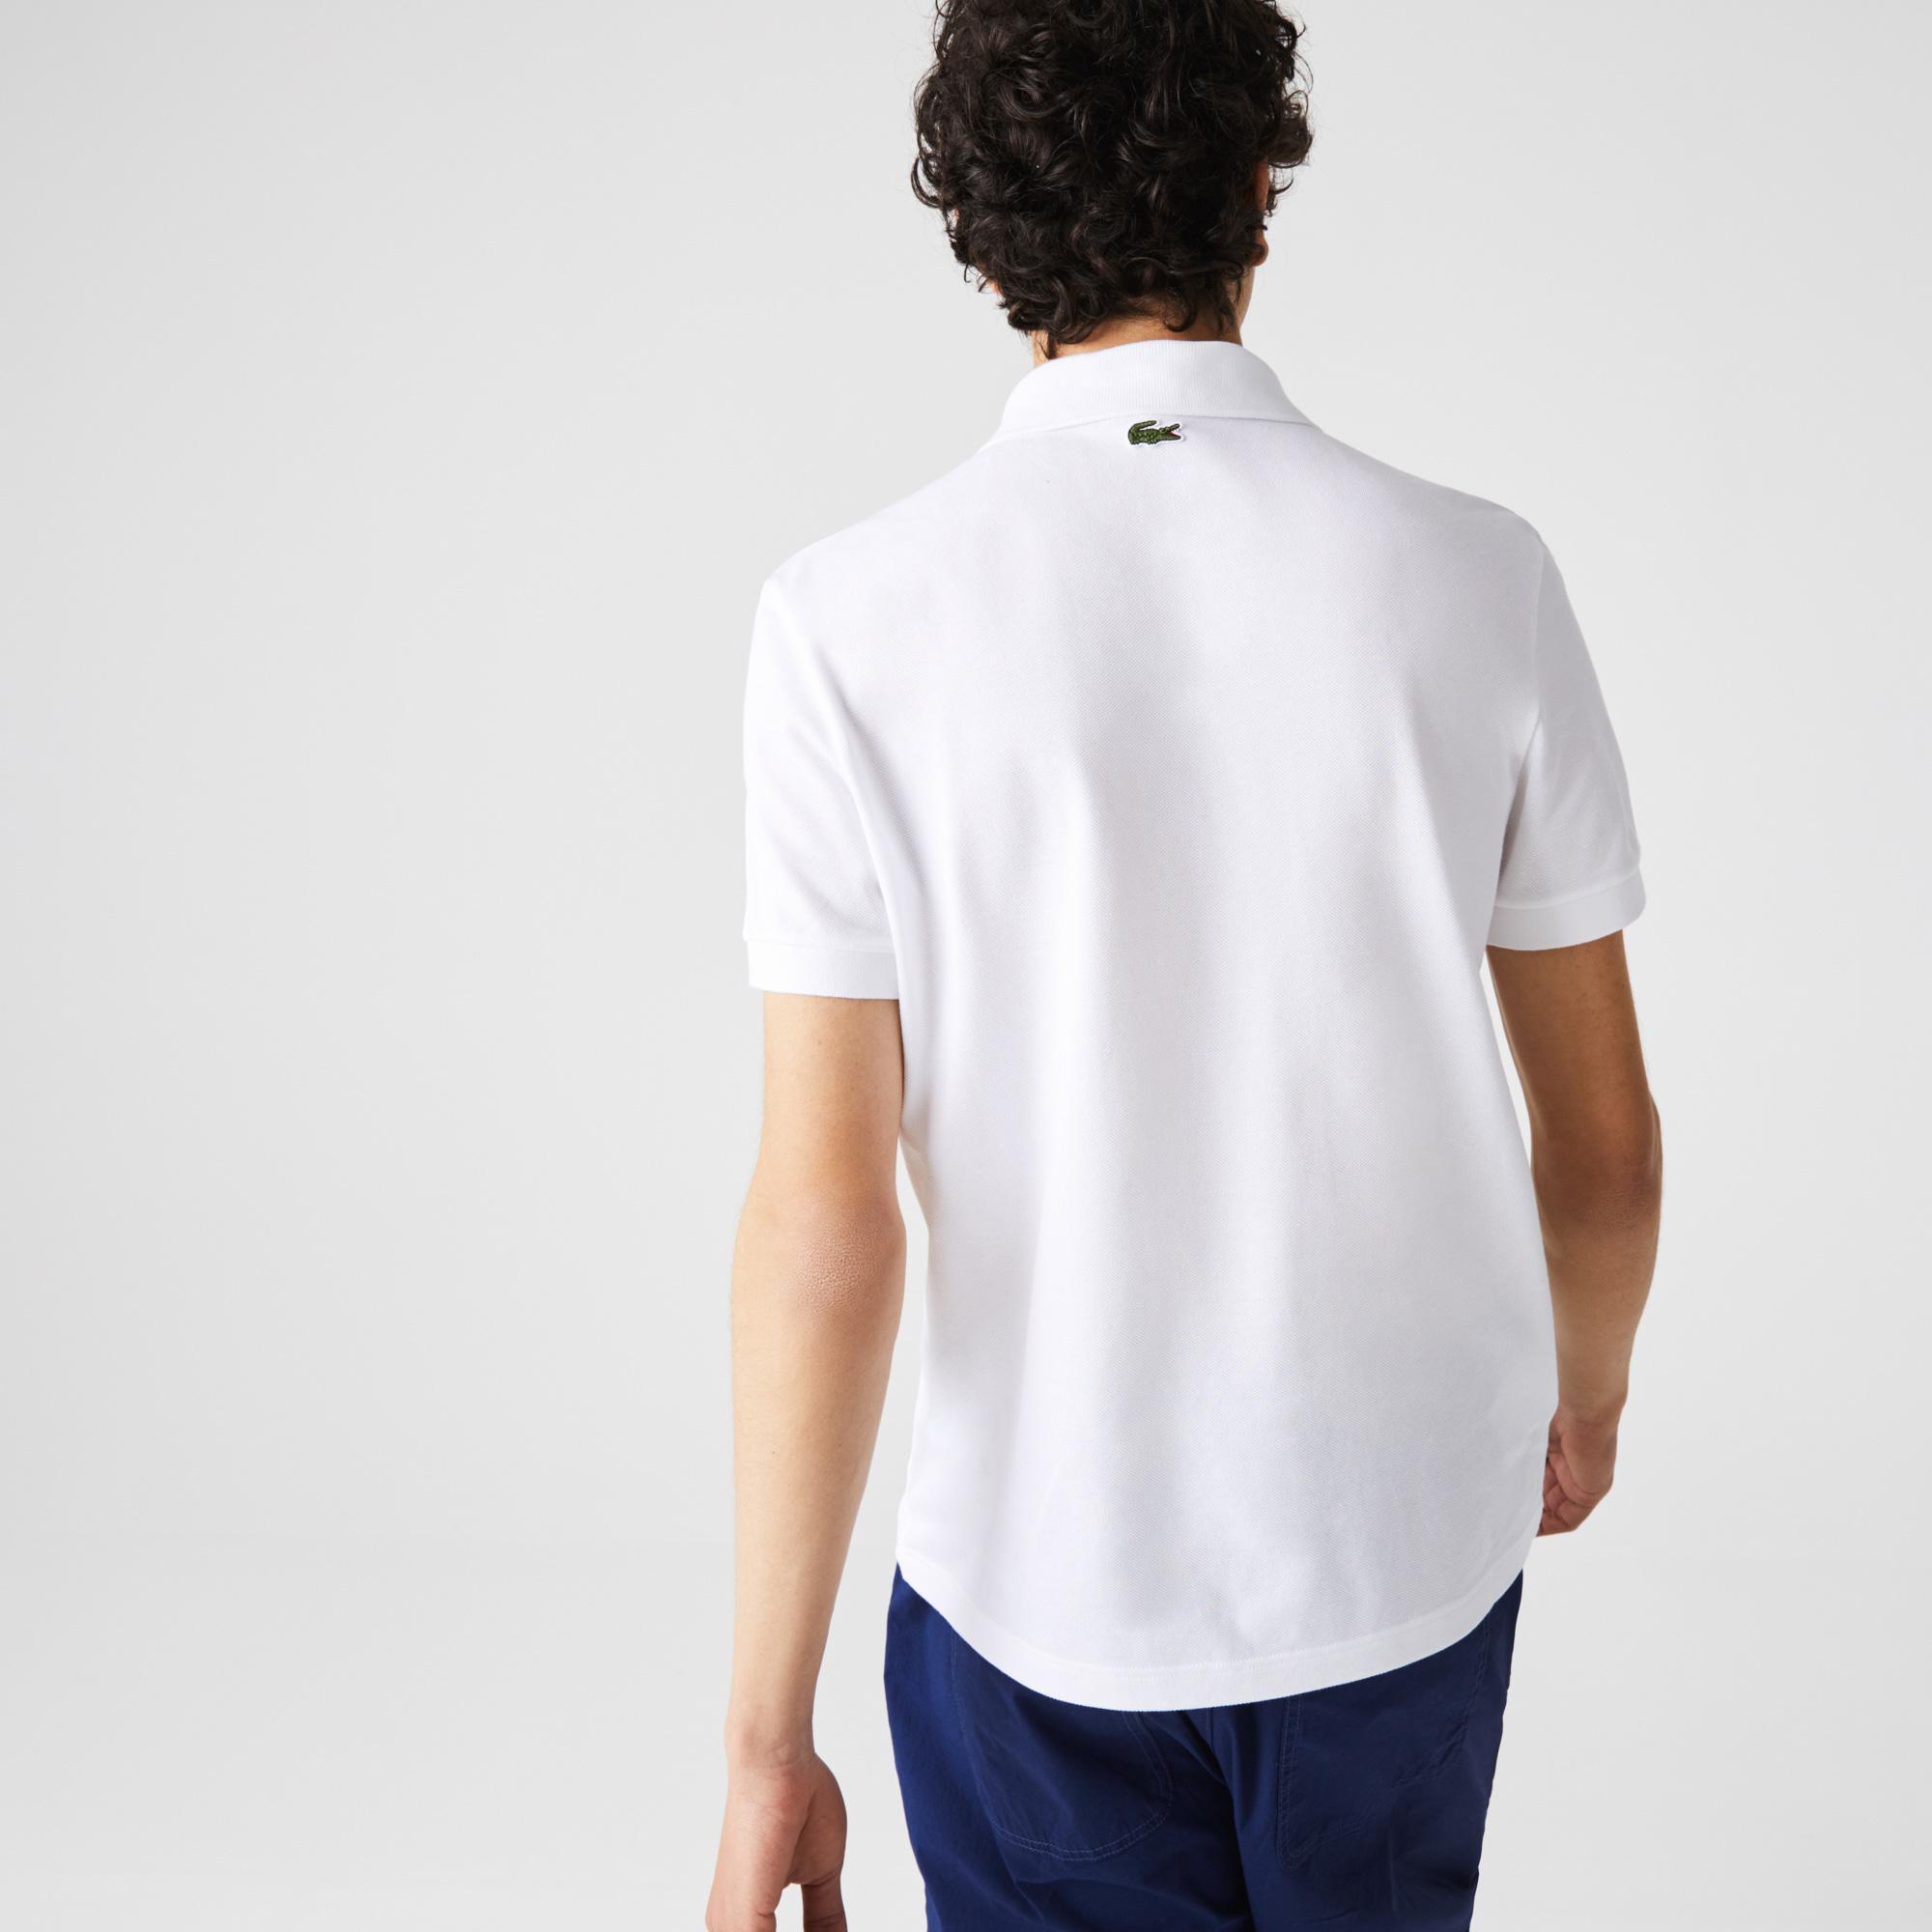 Lacoste Erkek Regular Fit Baskılı Beyaz Polo